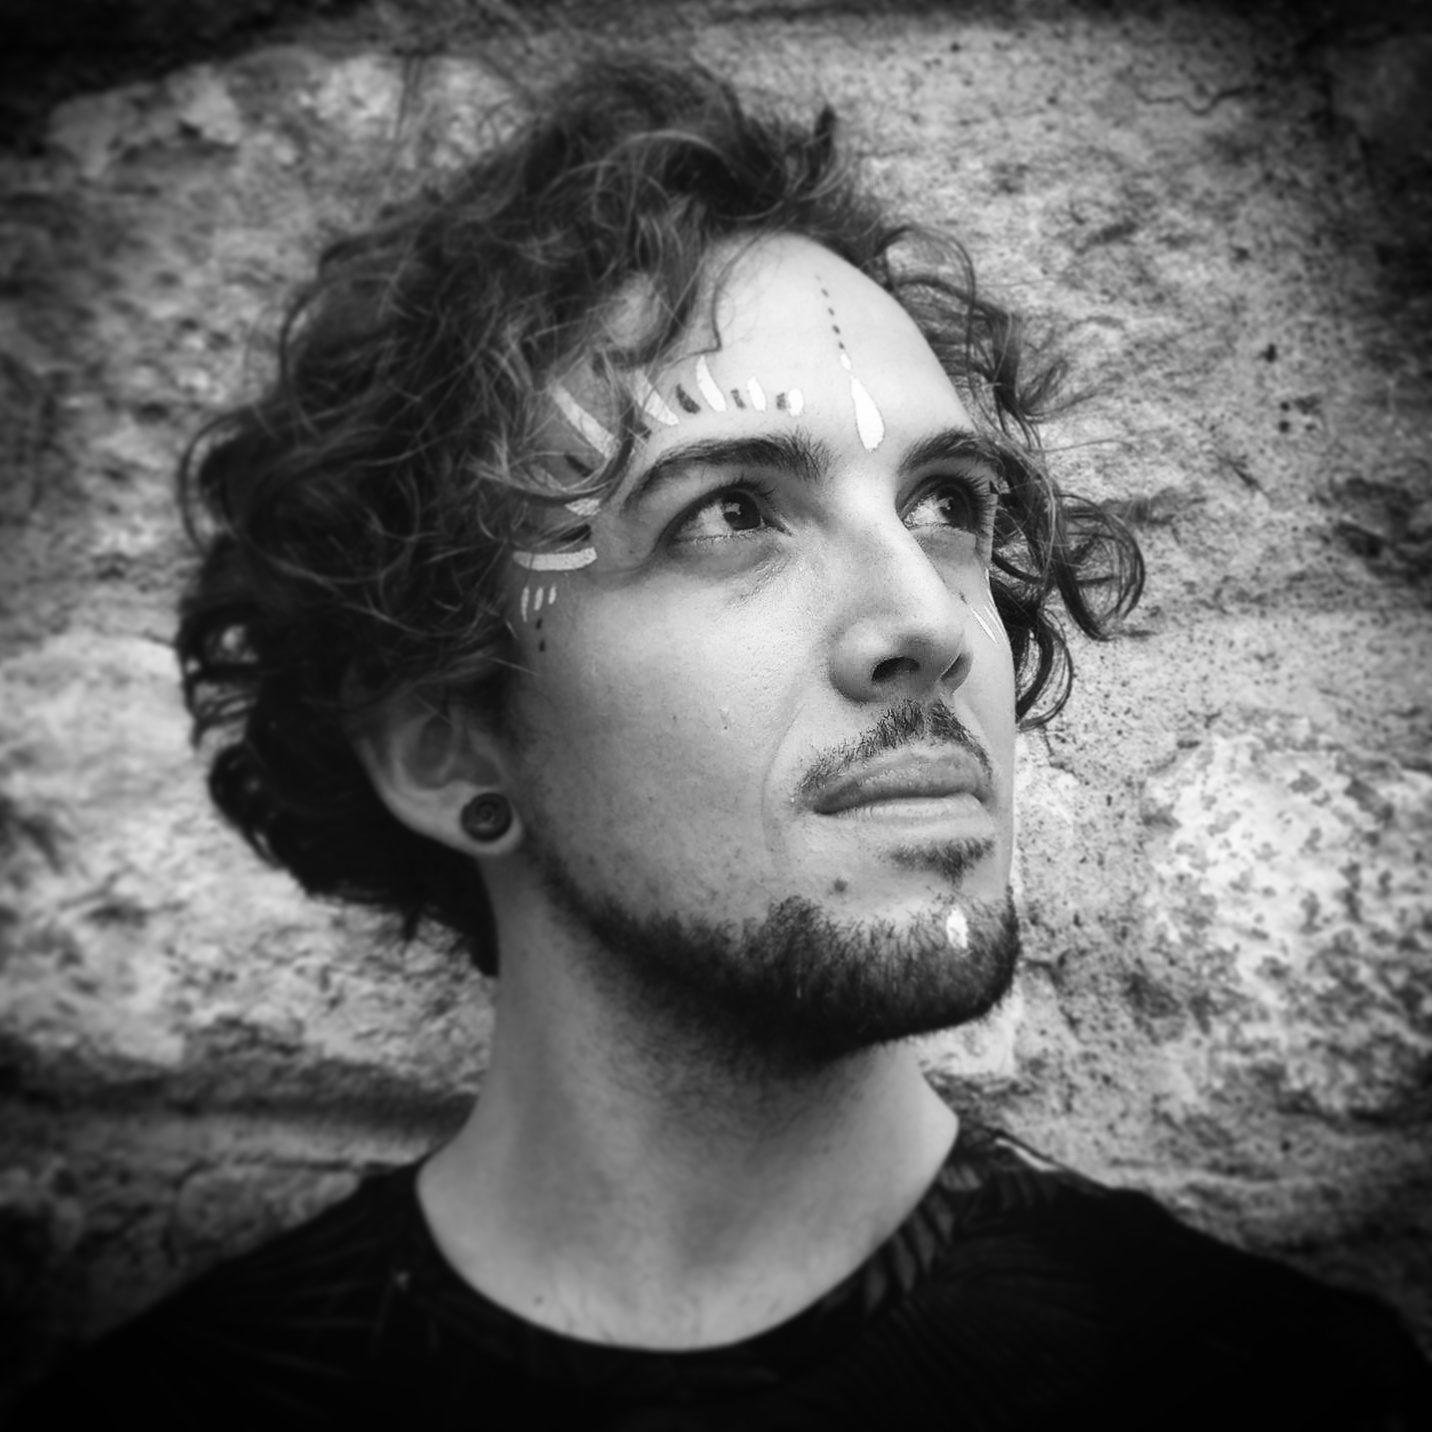 Giovanni Marco Zaccaria Portrait B&W